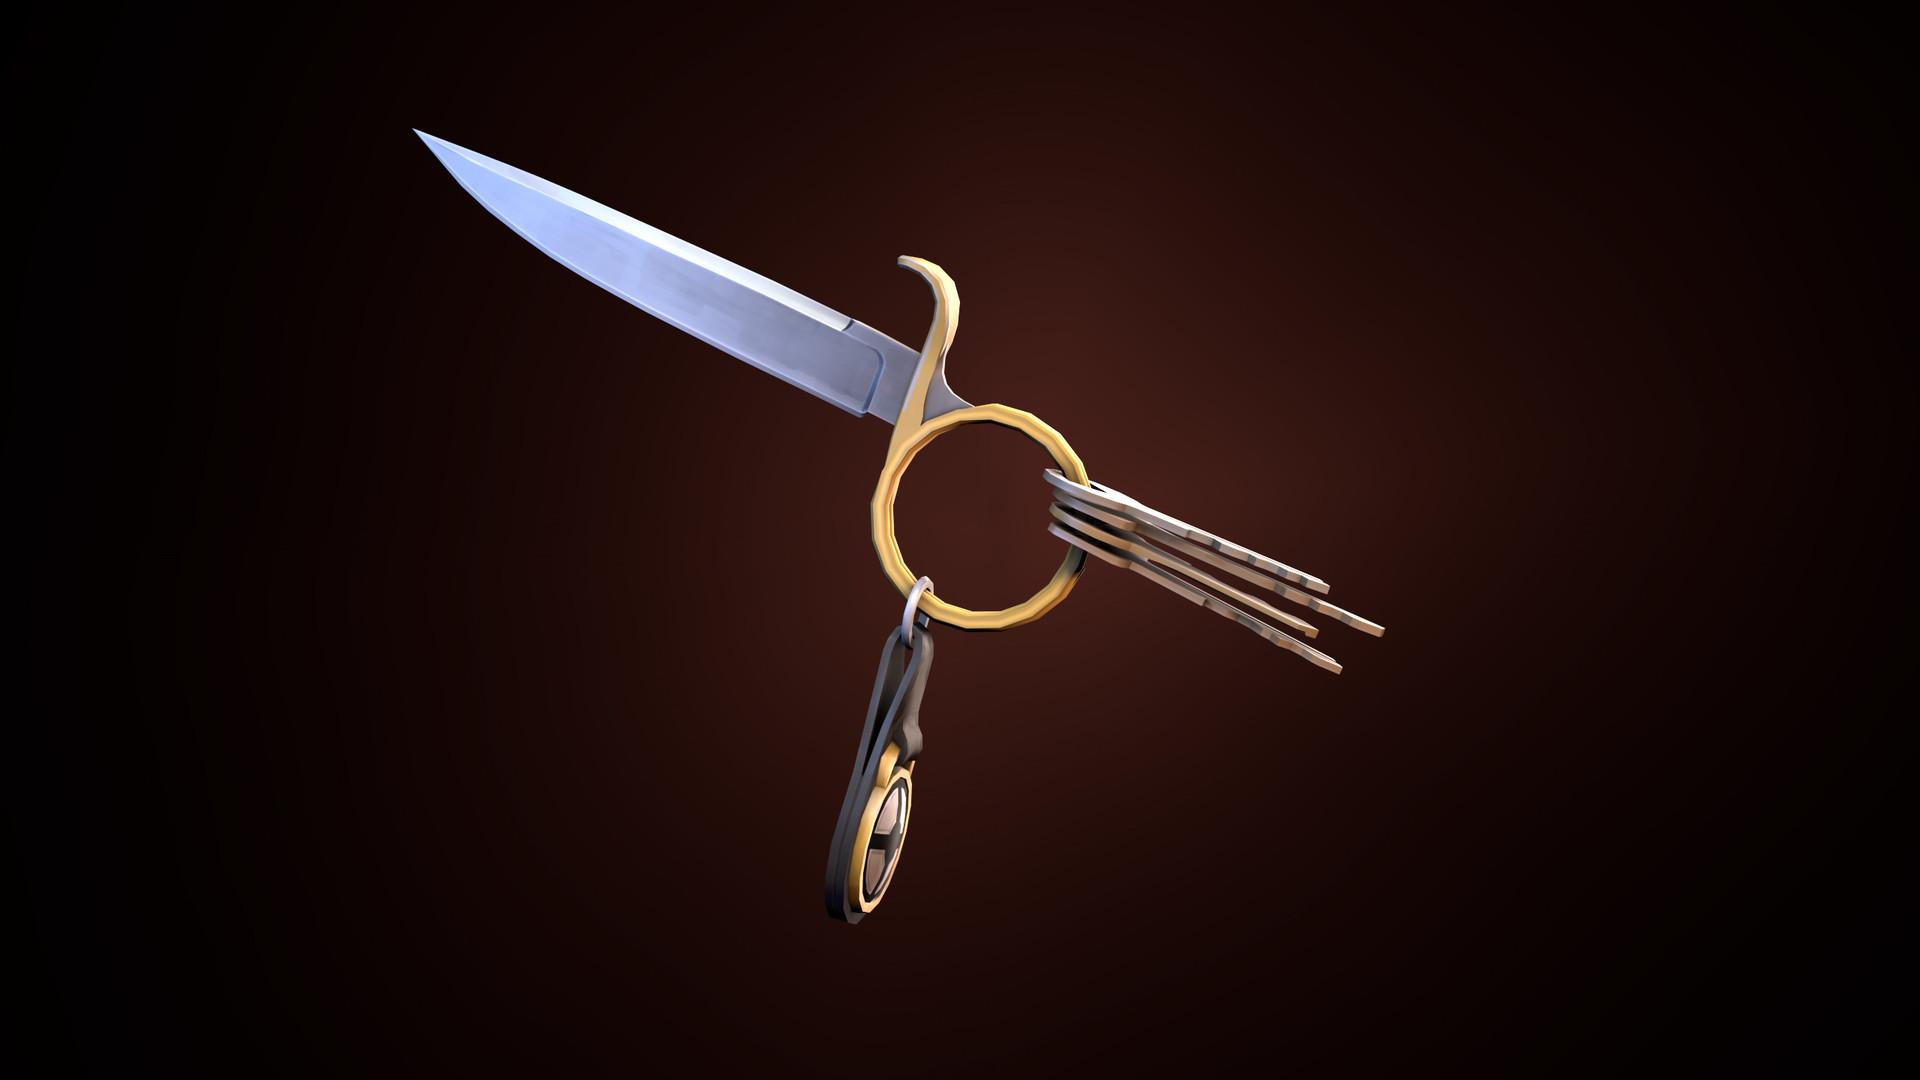 Ben henry promo knife